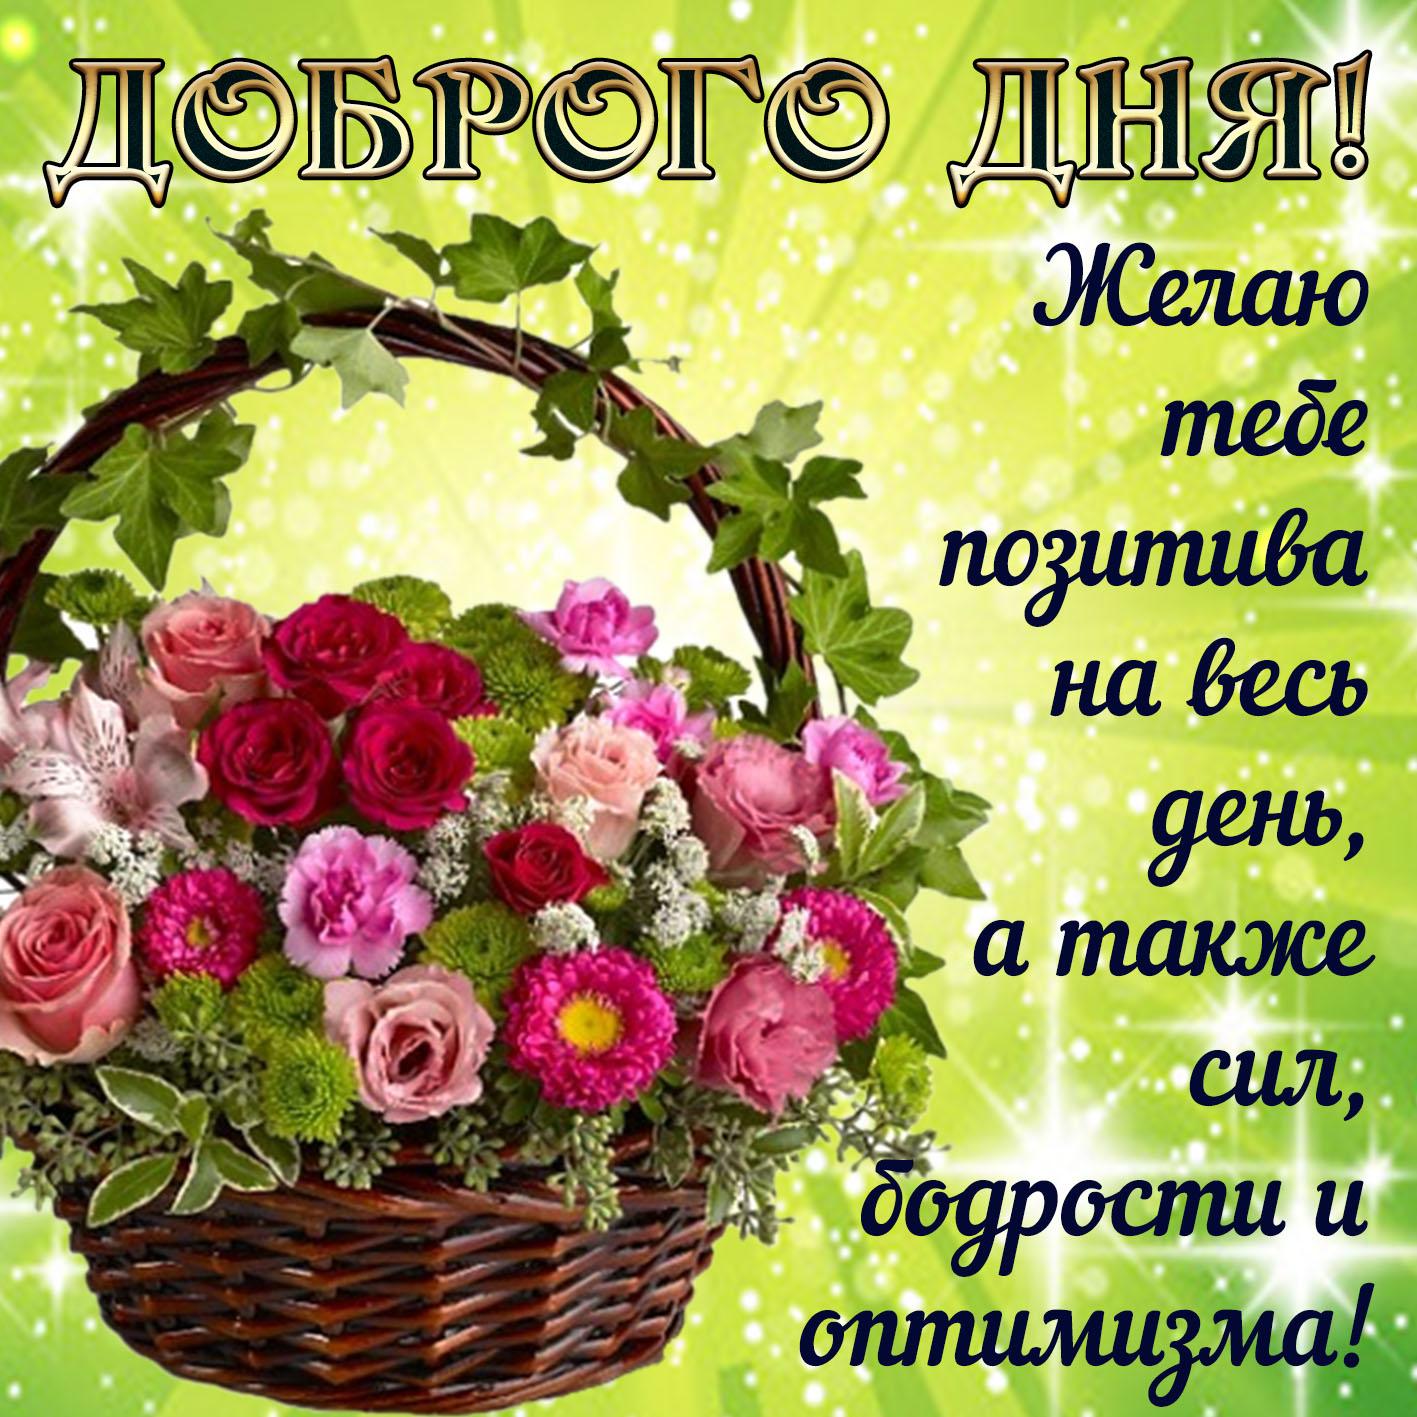 Картинка доброго дня с корзиной цветов для позитива